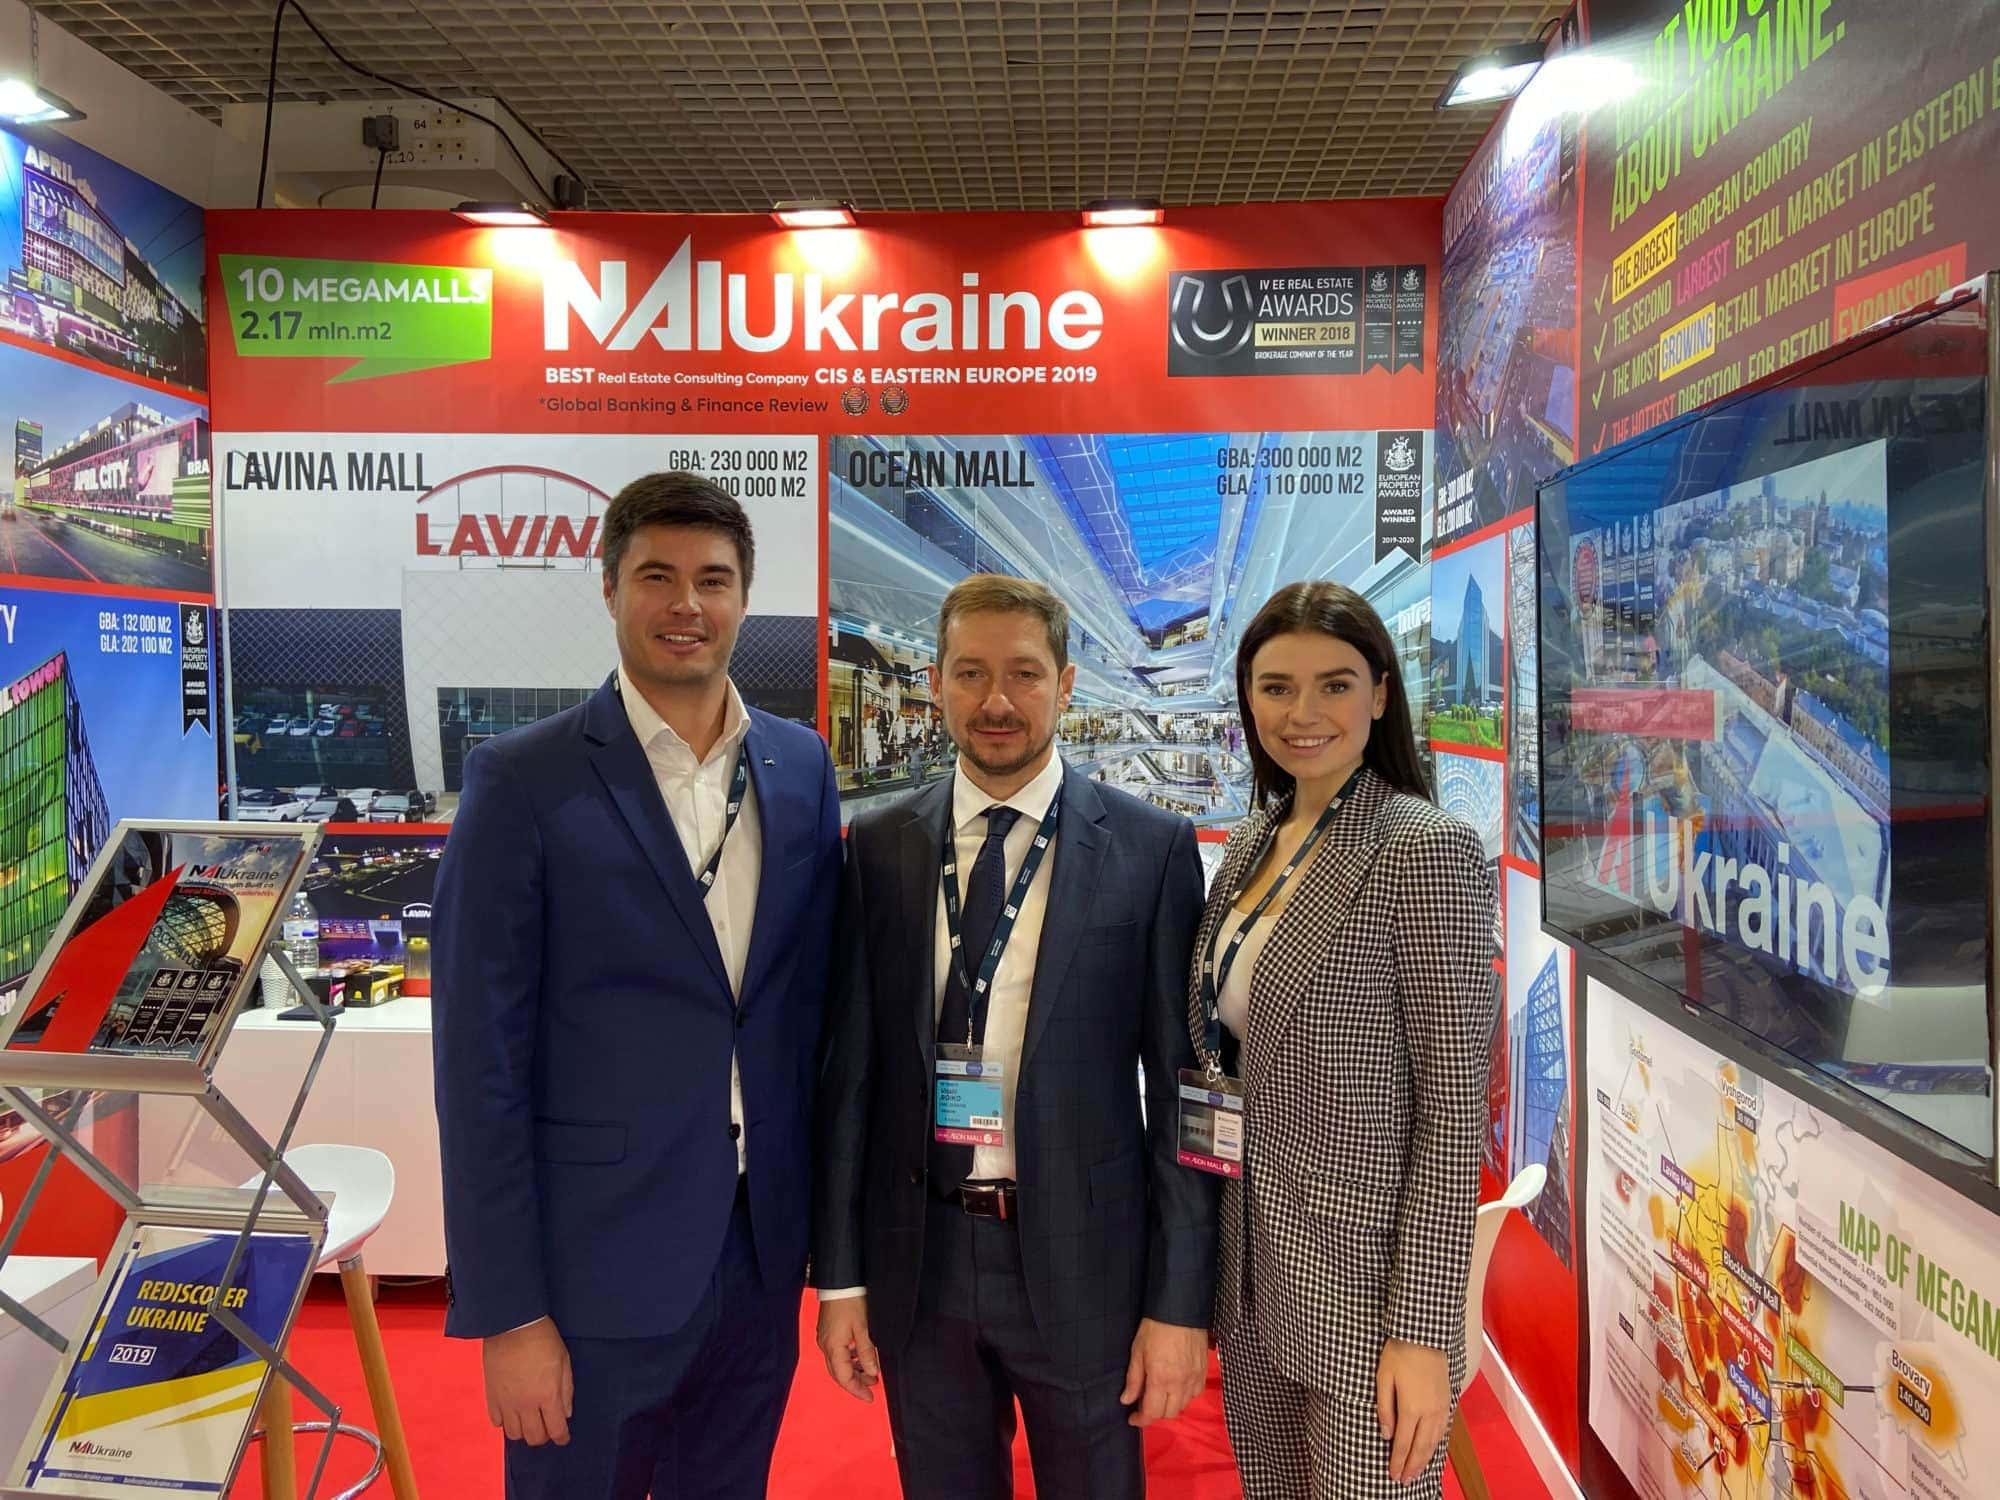 CEO NAI Ukraine Віталій Бойко: «В цьому році на MAPIC у Канах ми провели більше 60 зустрічей із глобальними ритейлерами, серед них велика кількість знакових компаній»